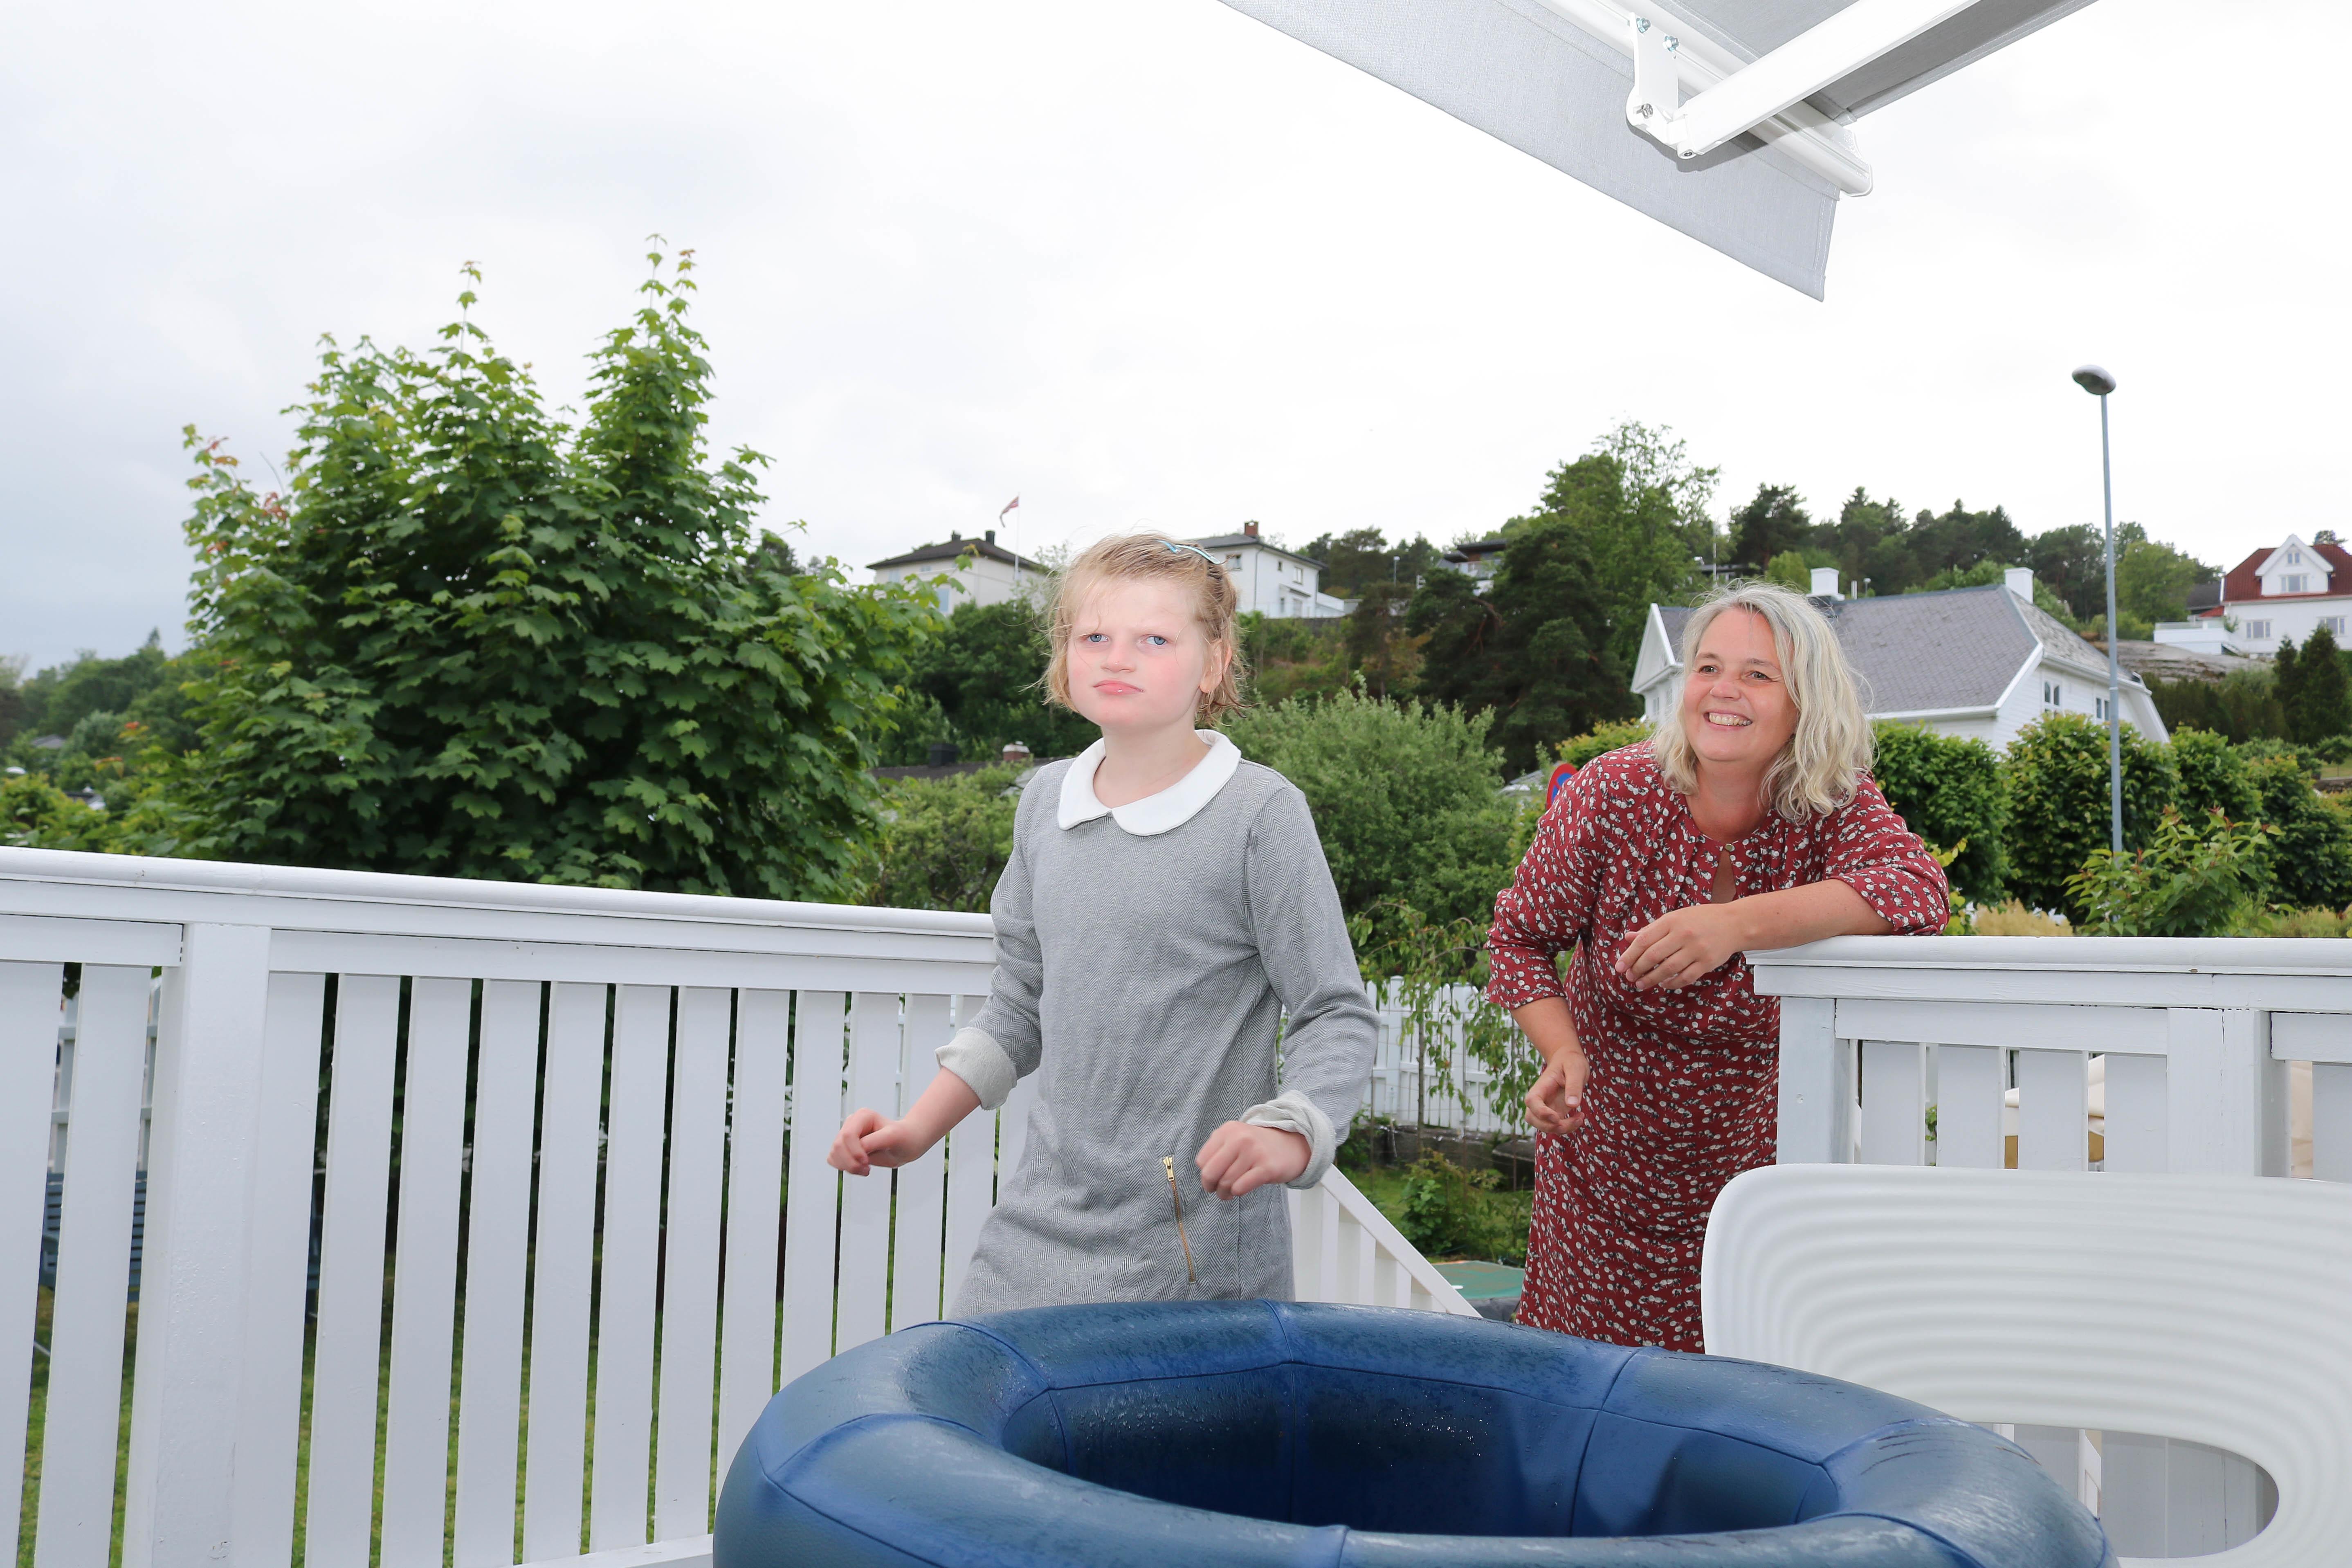 Mor og datter på hvitmalt terrasse. Datter nærmest ved en blå badering.